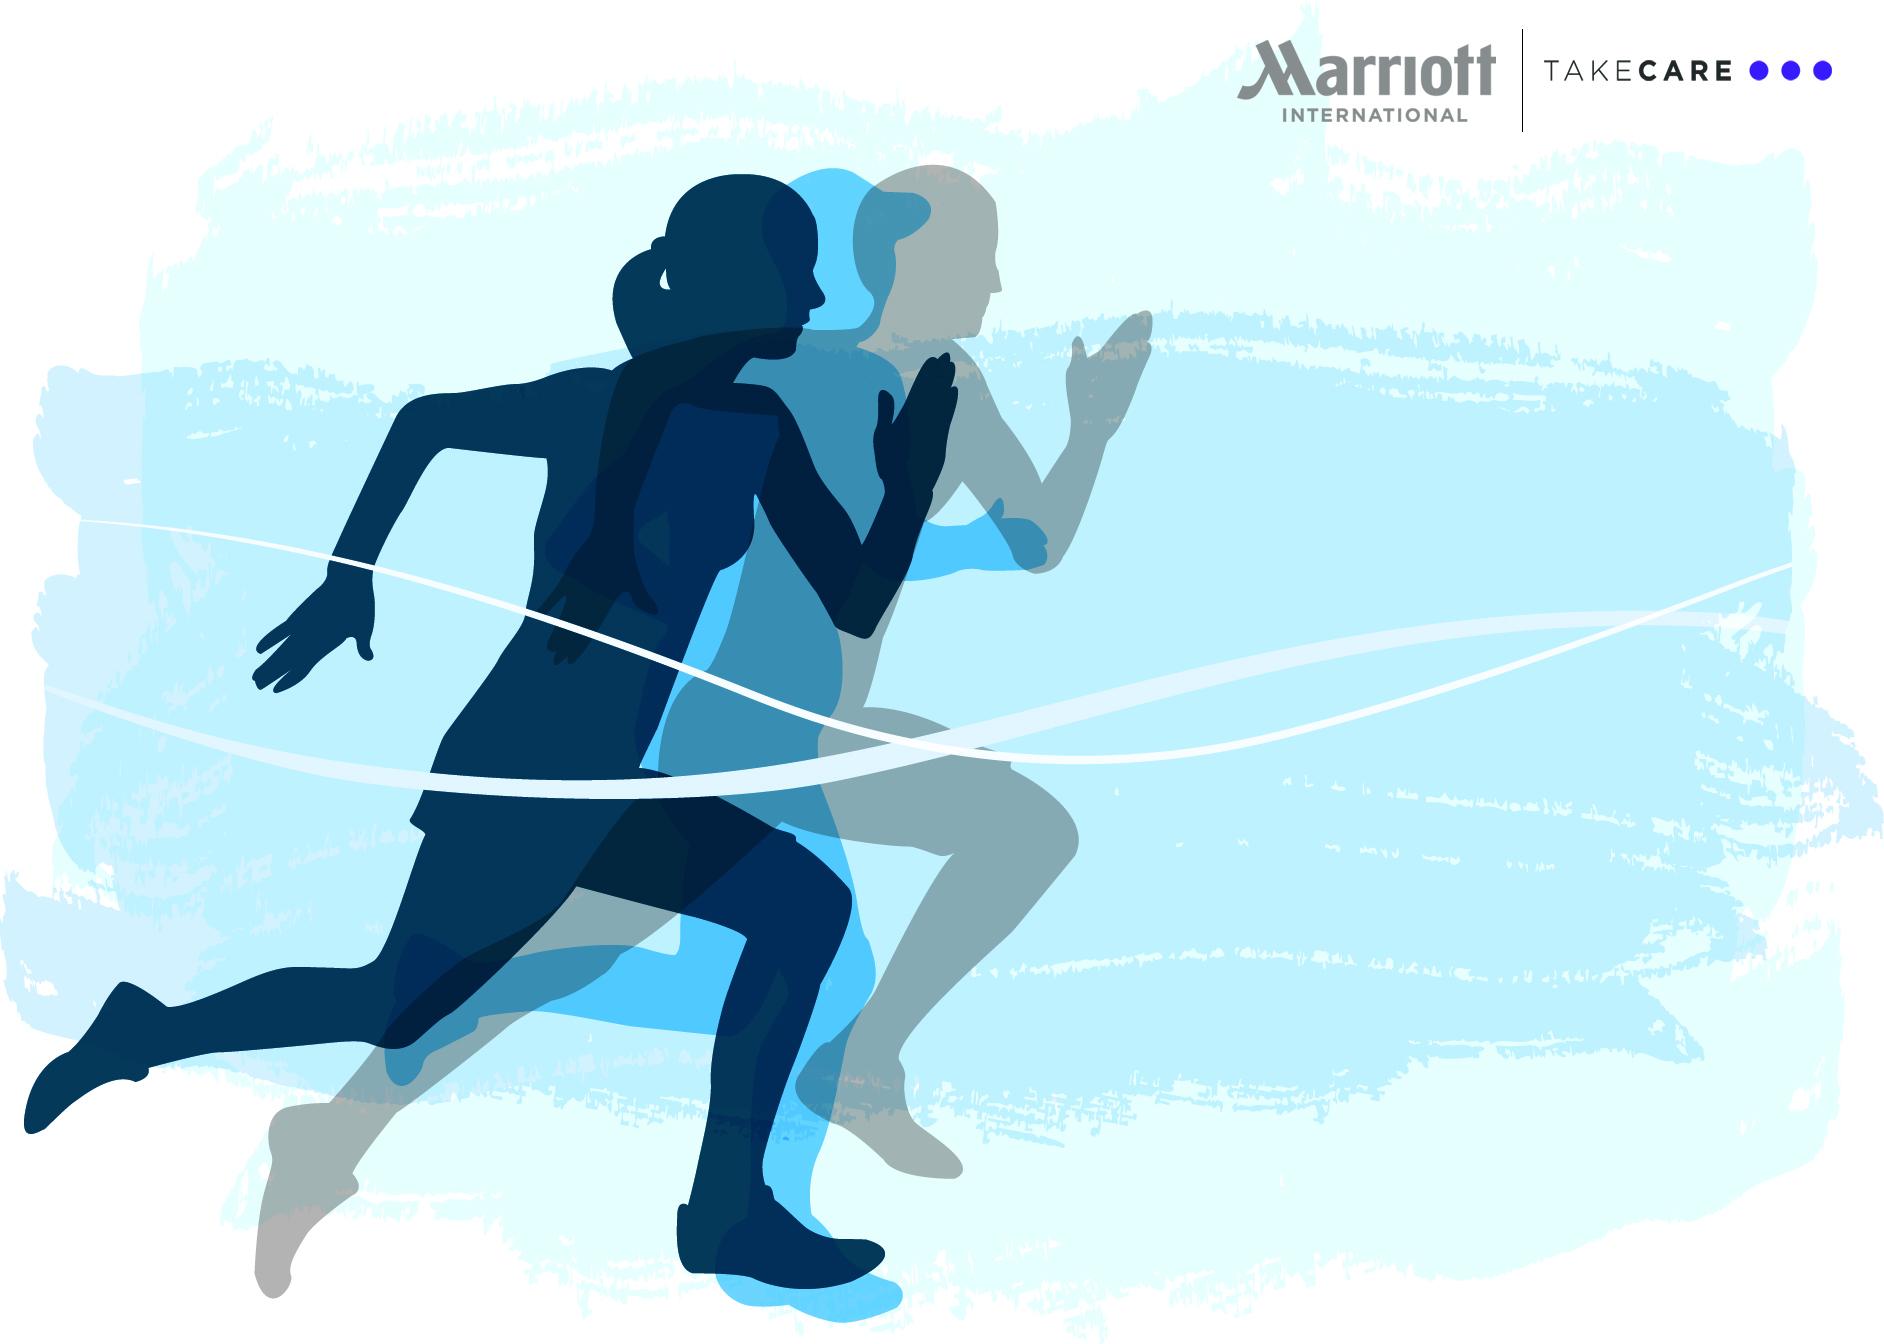 マリオット・インターナショナルが日本におけるチャリティランイベント「Run to Give Japan 2020」を開催